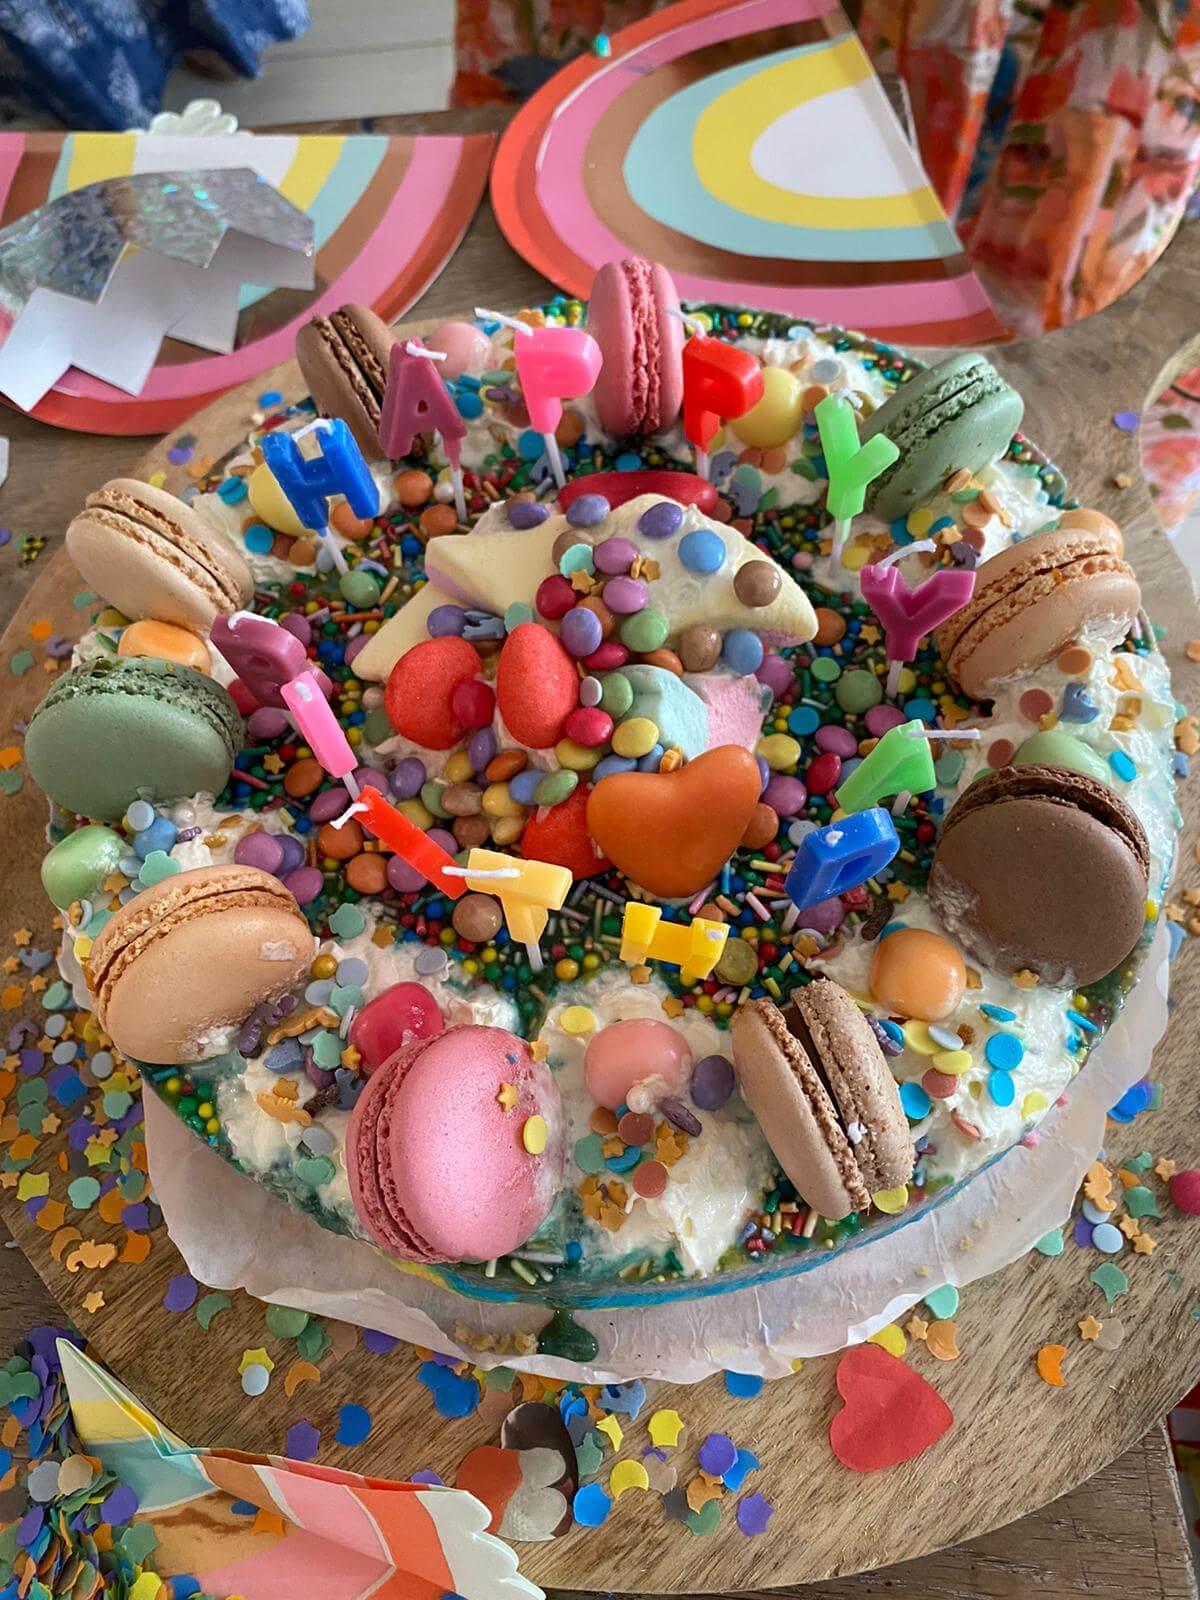 surprise party, regenboog feestje, regenboogfeestje, regenboog thema, kinderfeestje, eenhoorn, kleurrijk